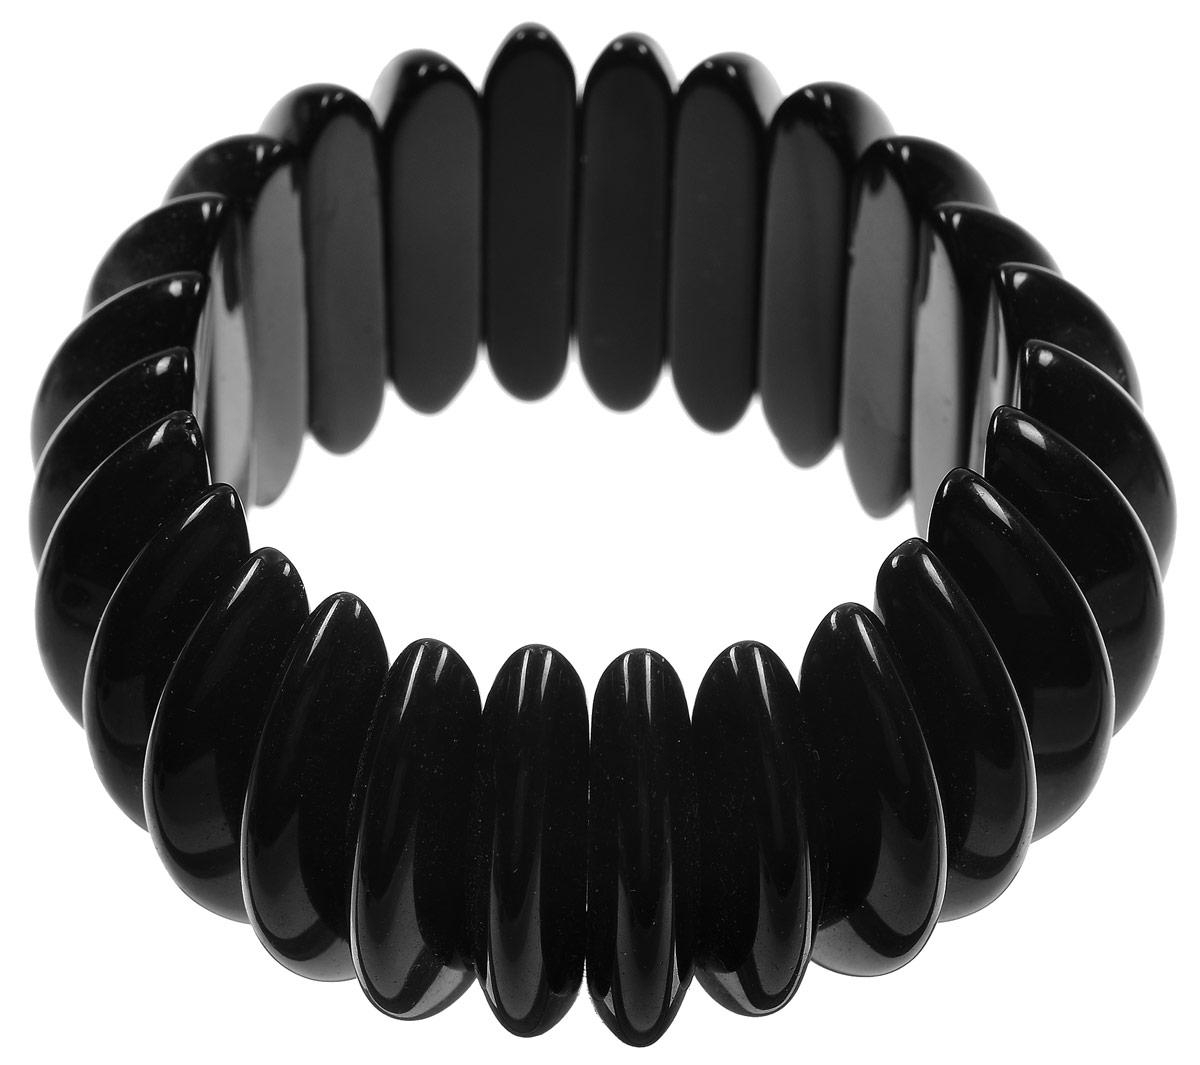 Браслет Art-Silver, цвет: черный. Bb37-756Bb37-756_черныйИзящный женский браслет Art-Silver выполнен из агата. Эластичная прочная резинка, использованная в качестве основы изделия, позволит идеально зафиксировать браслет на руке. Это стильное украшение элегантно завершит модный образ и подчеркнет ваш изысканный вкус.